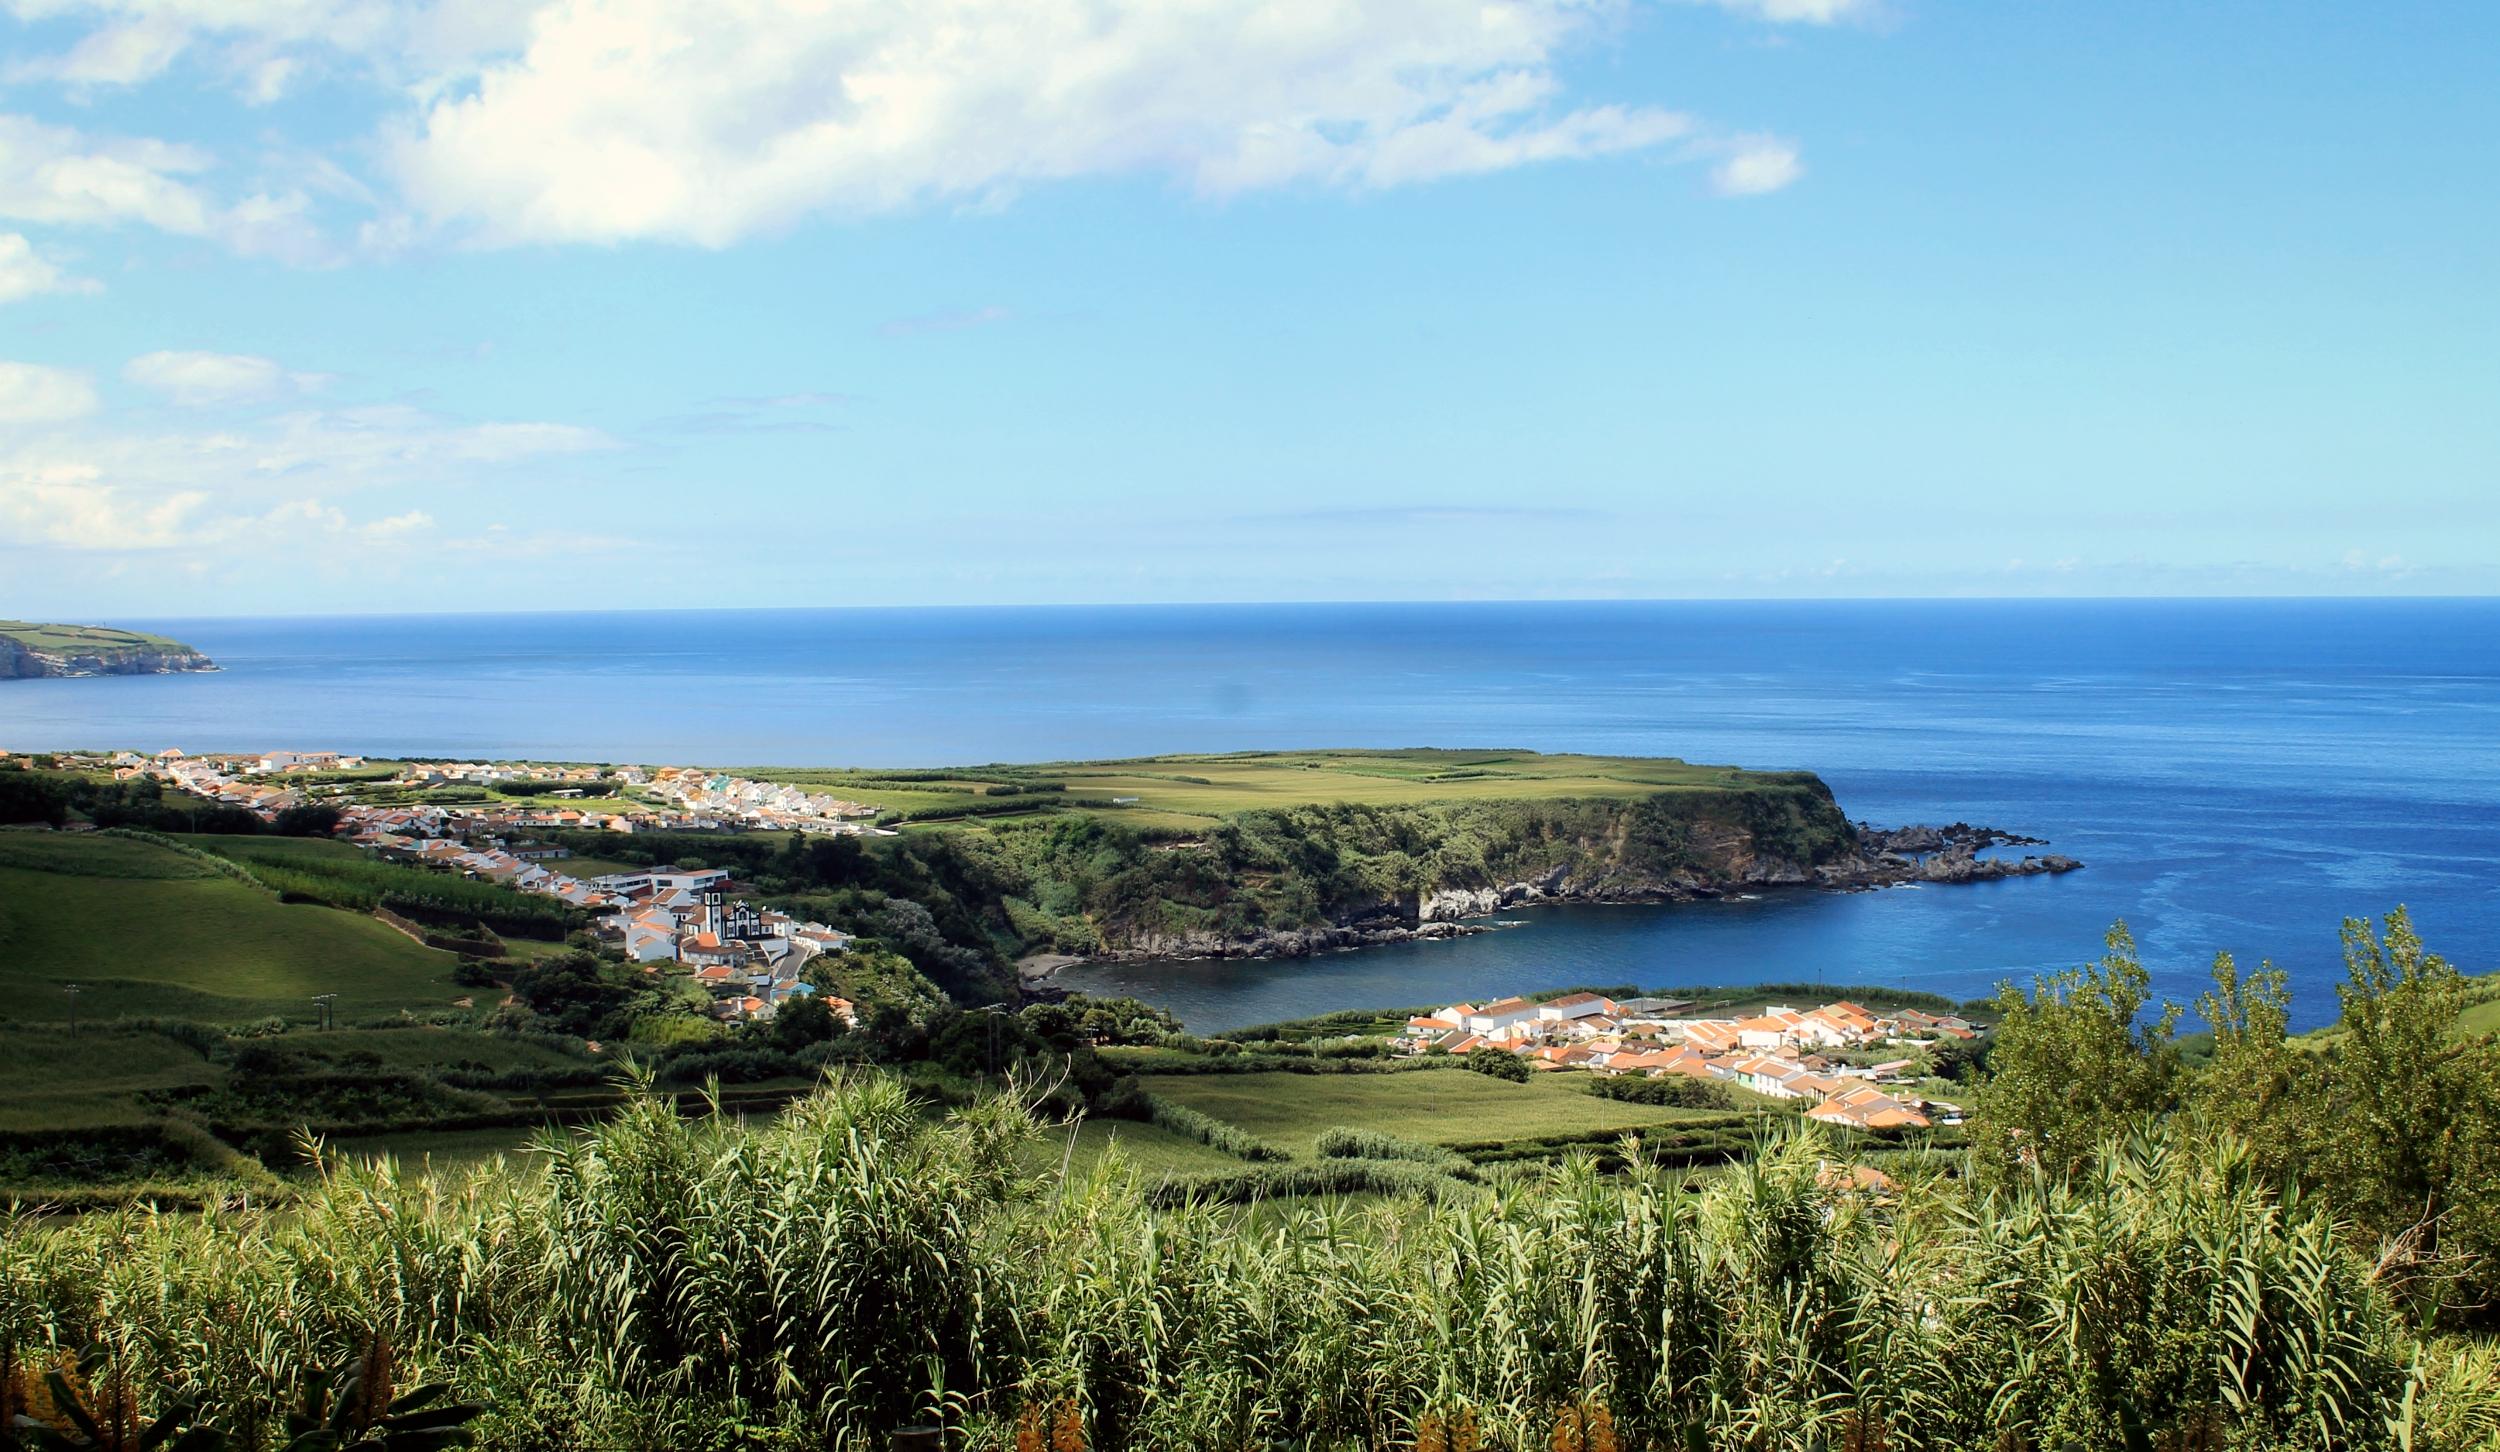 Hintergrundbilder Landschaft Schiff Meer Bucht Wasser Ufer